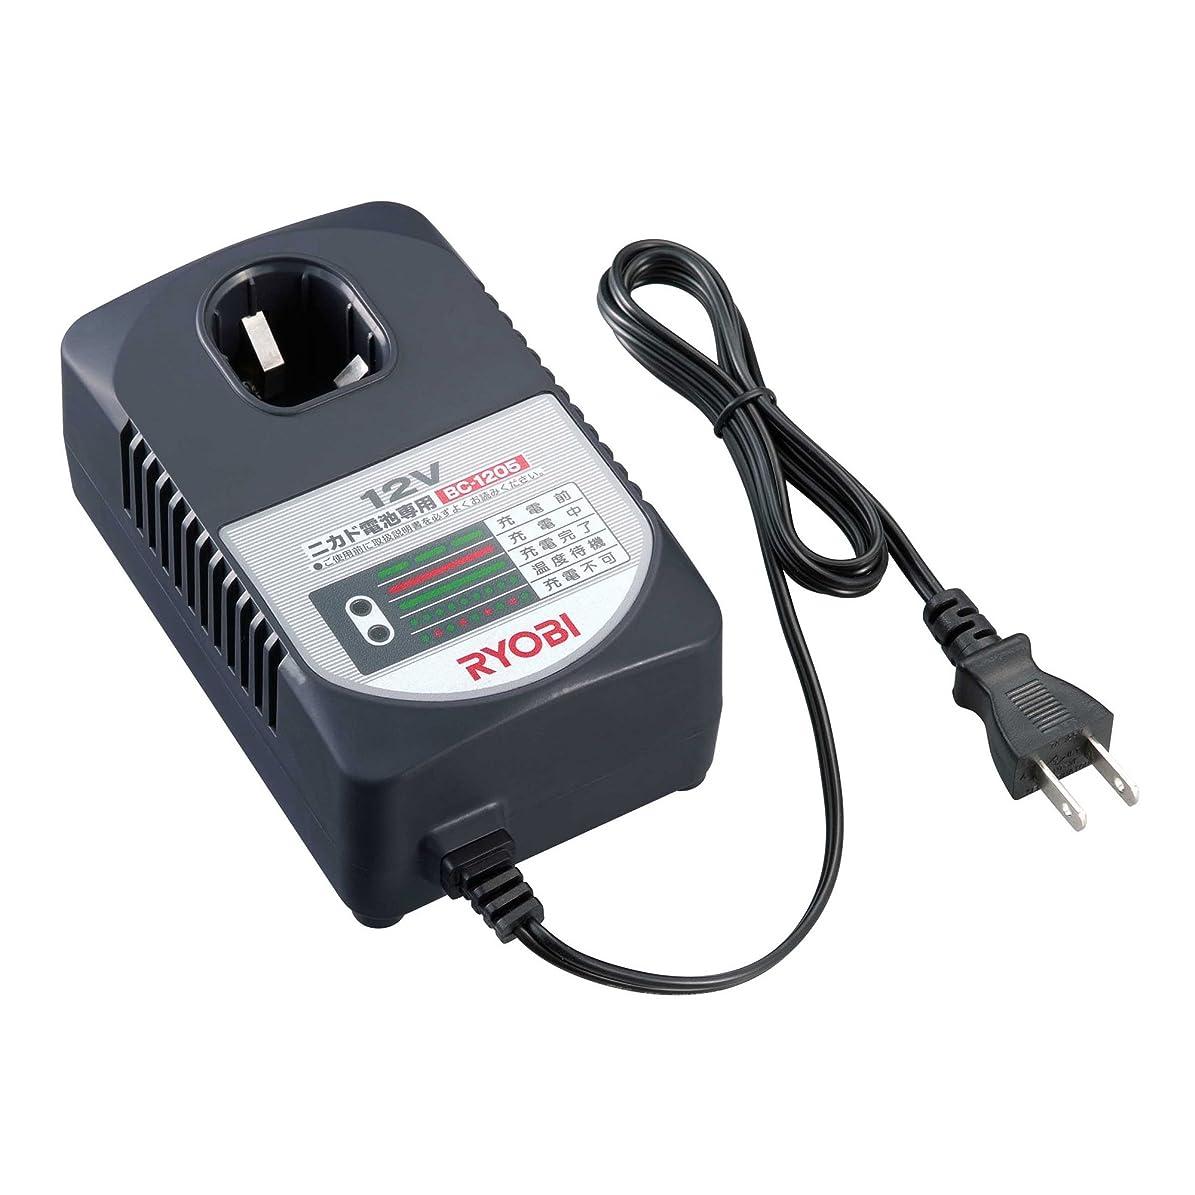 居住者商標ペアリョービ(RYOBI) 充電器 ニカド専用 BC-1205 12V 6406131